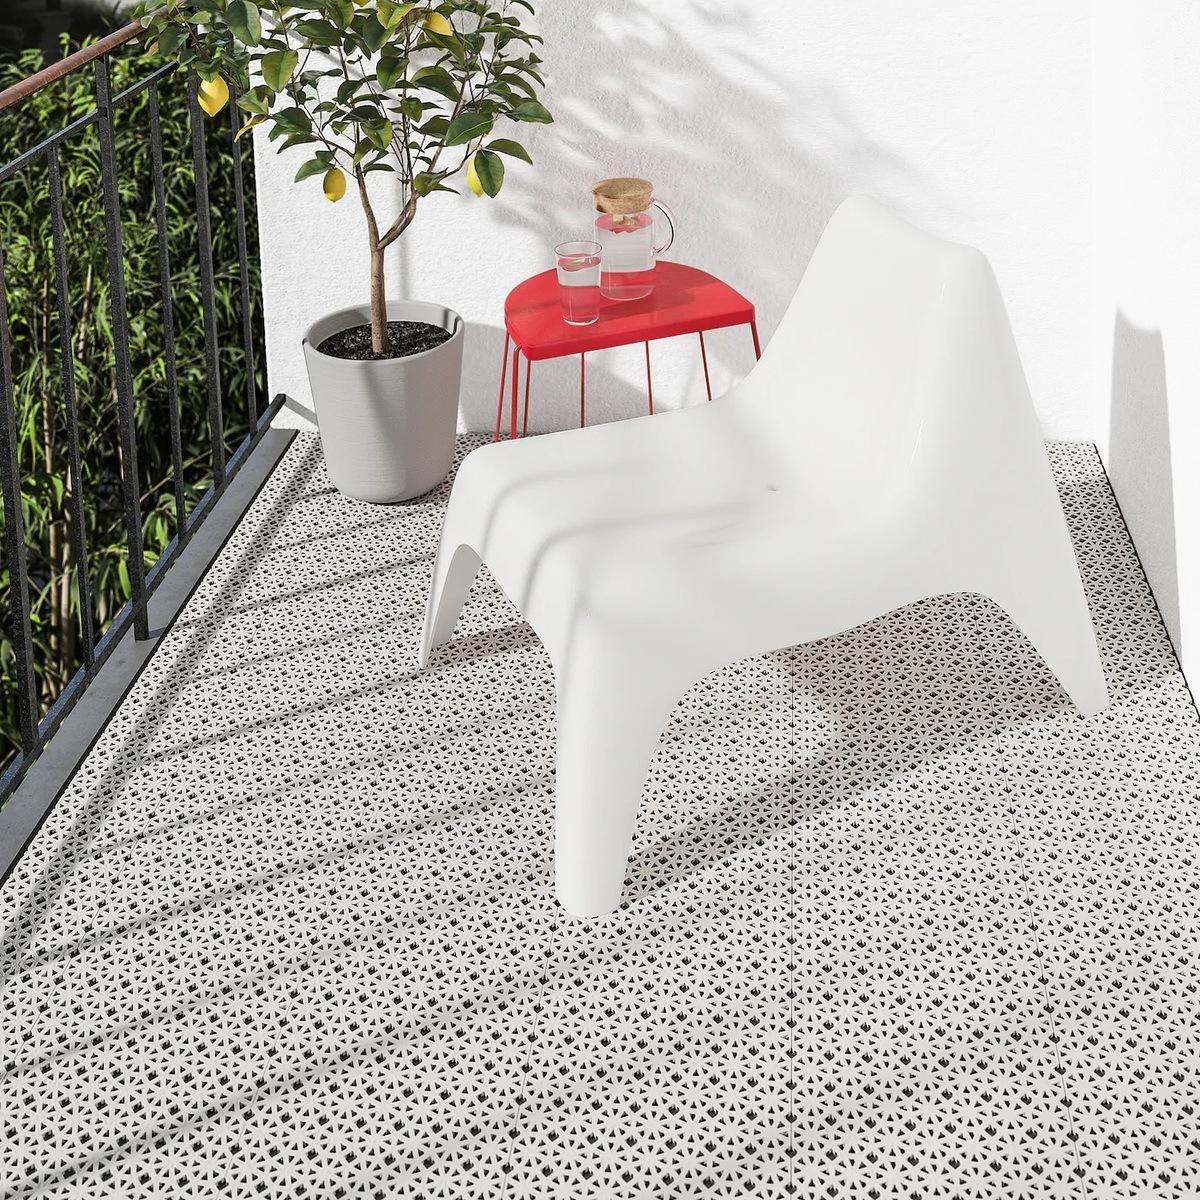 Catalogo parquet IKEA Enero 2021 FOTOS suelo altappen